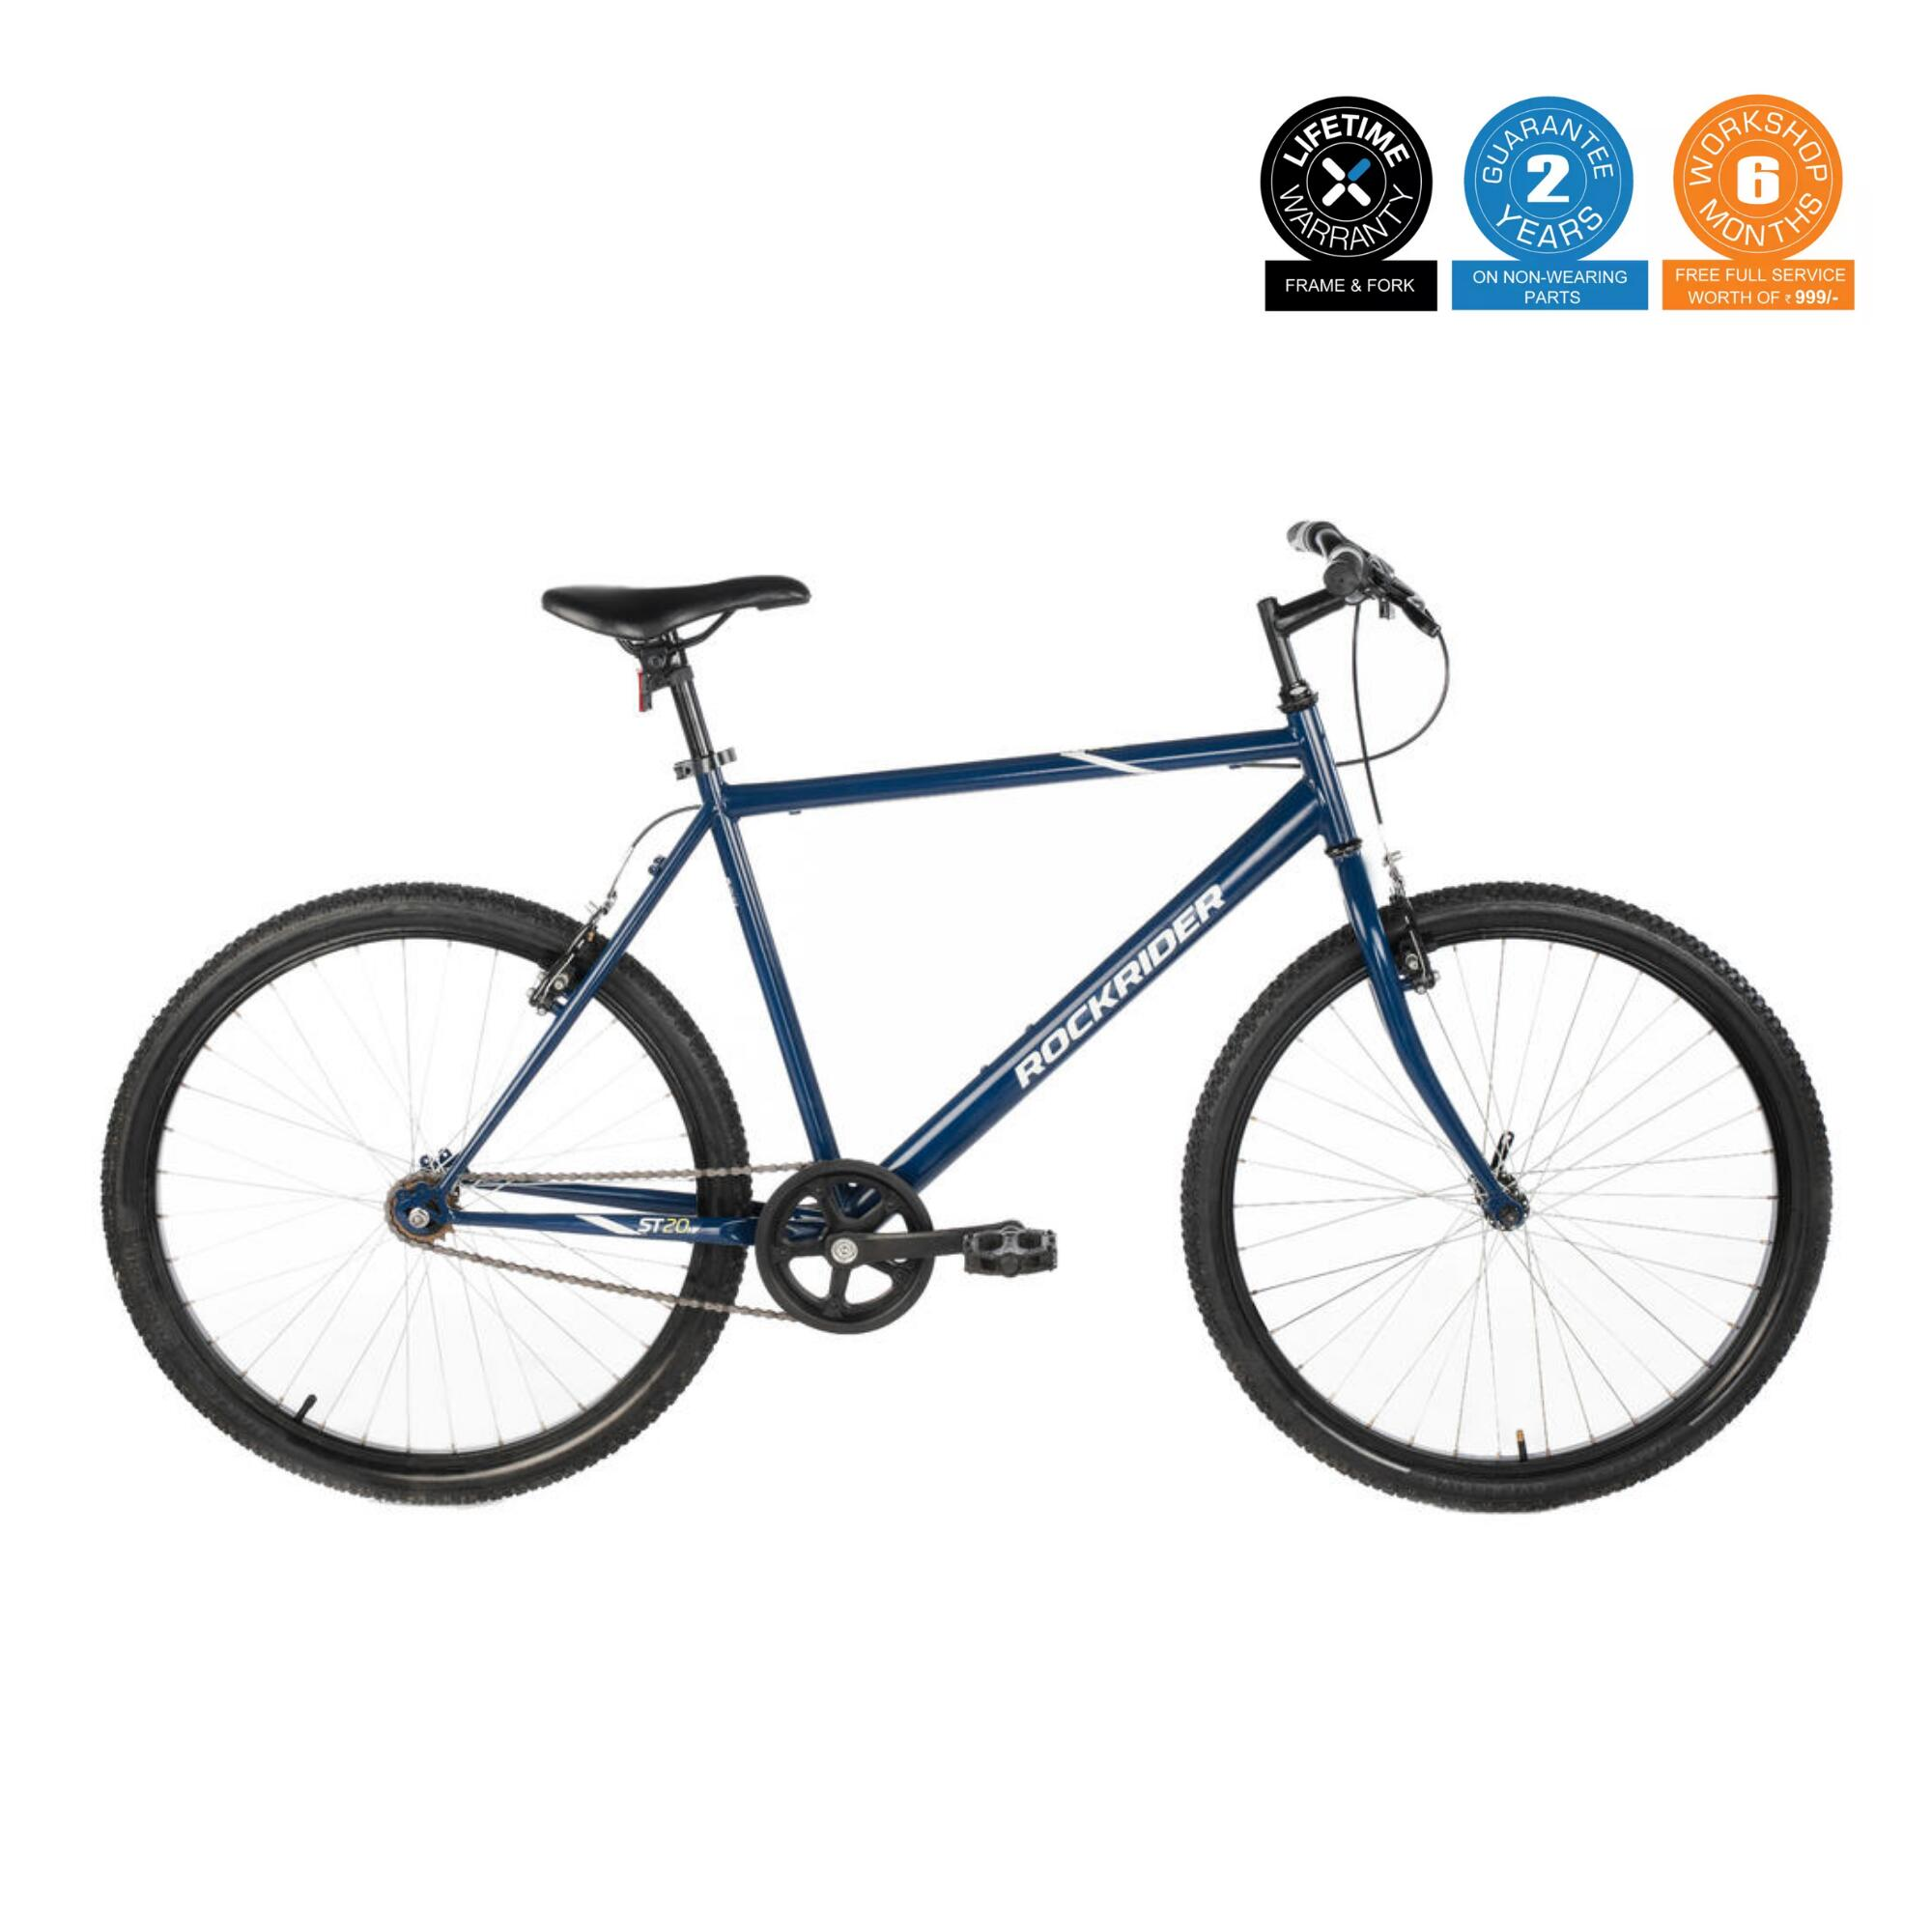 MTB ST 20 High Frame BLUE 26 inch